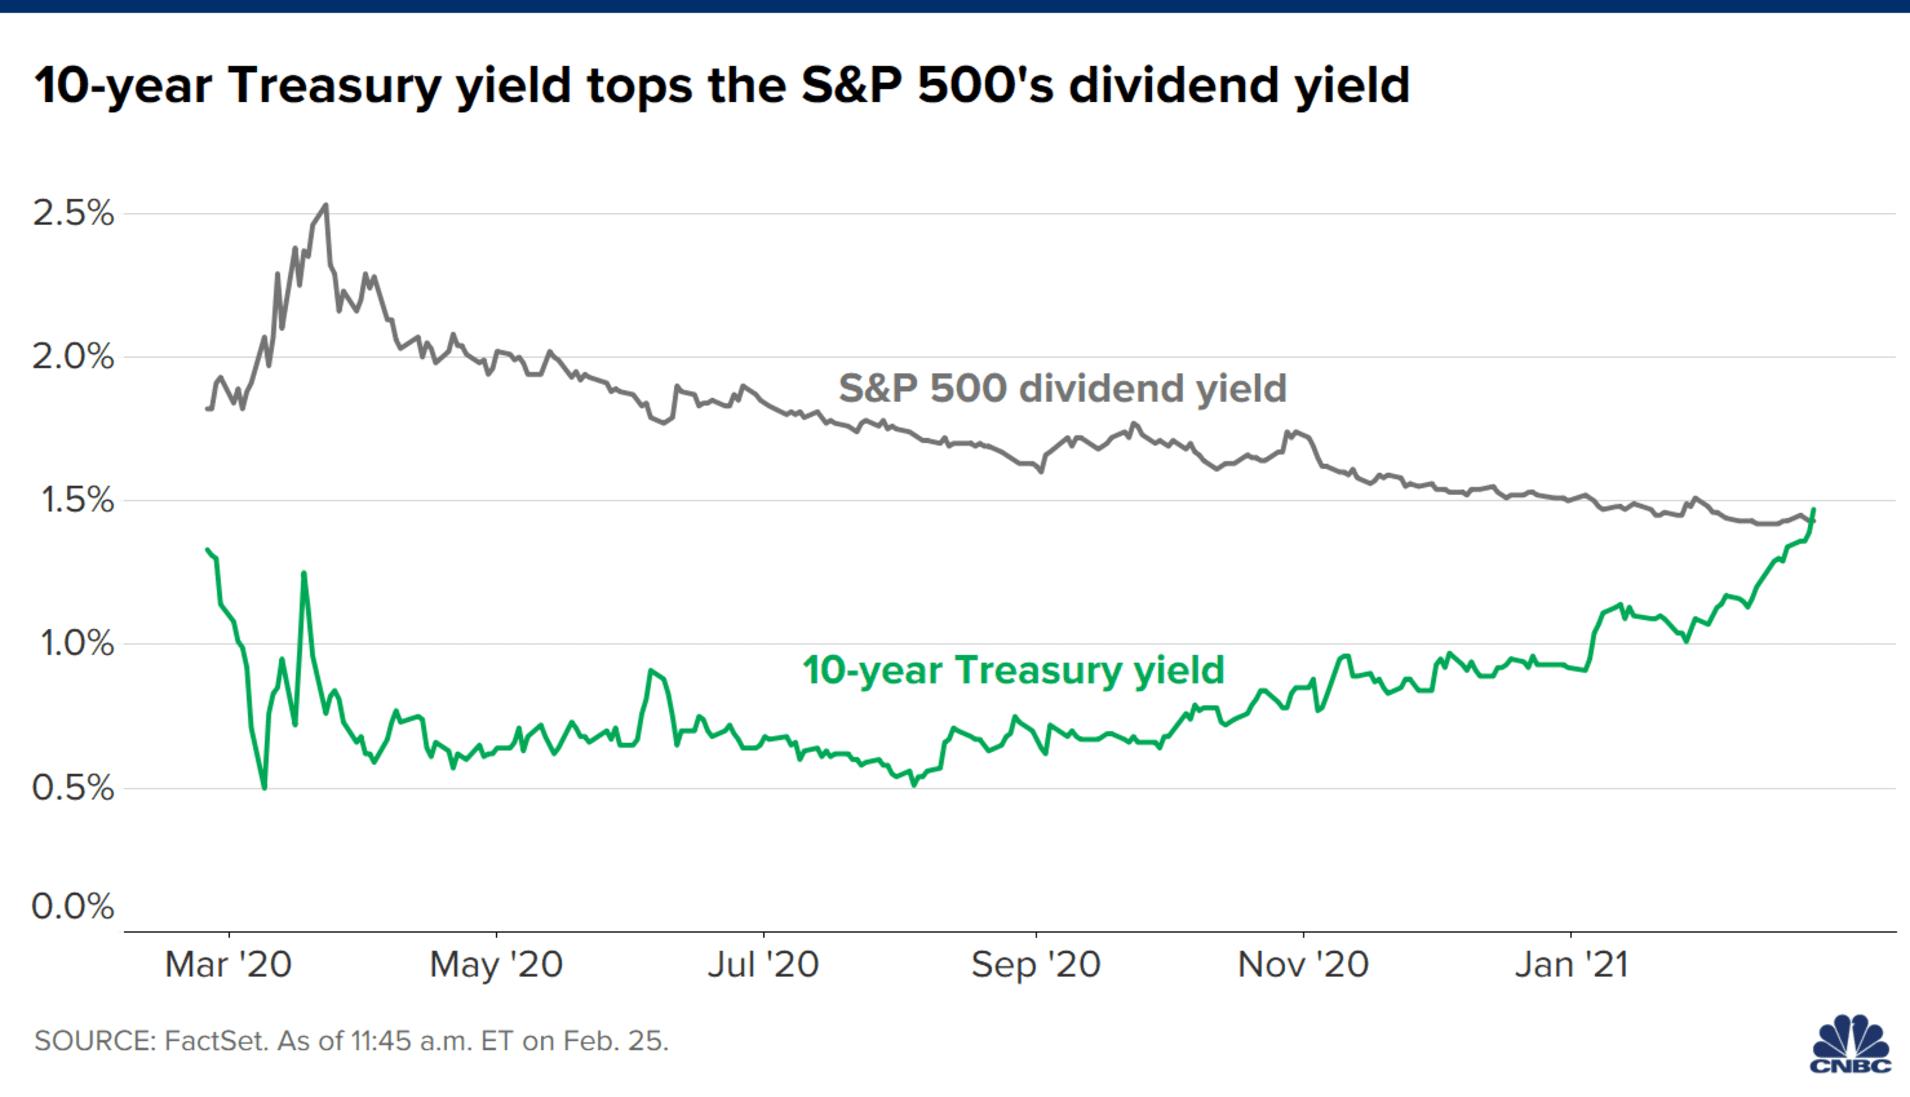 10年期美债收益率超过1.5%,即超过标普500平均股息(CNBC图)